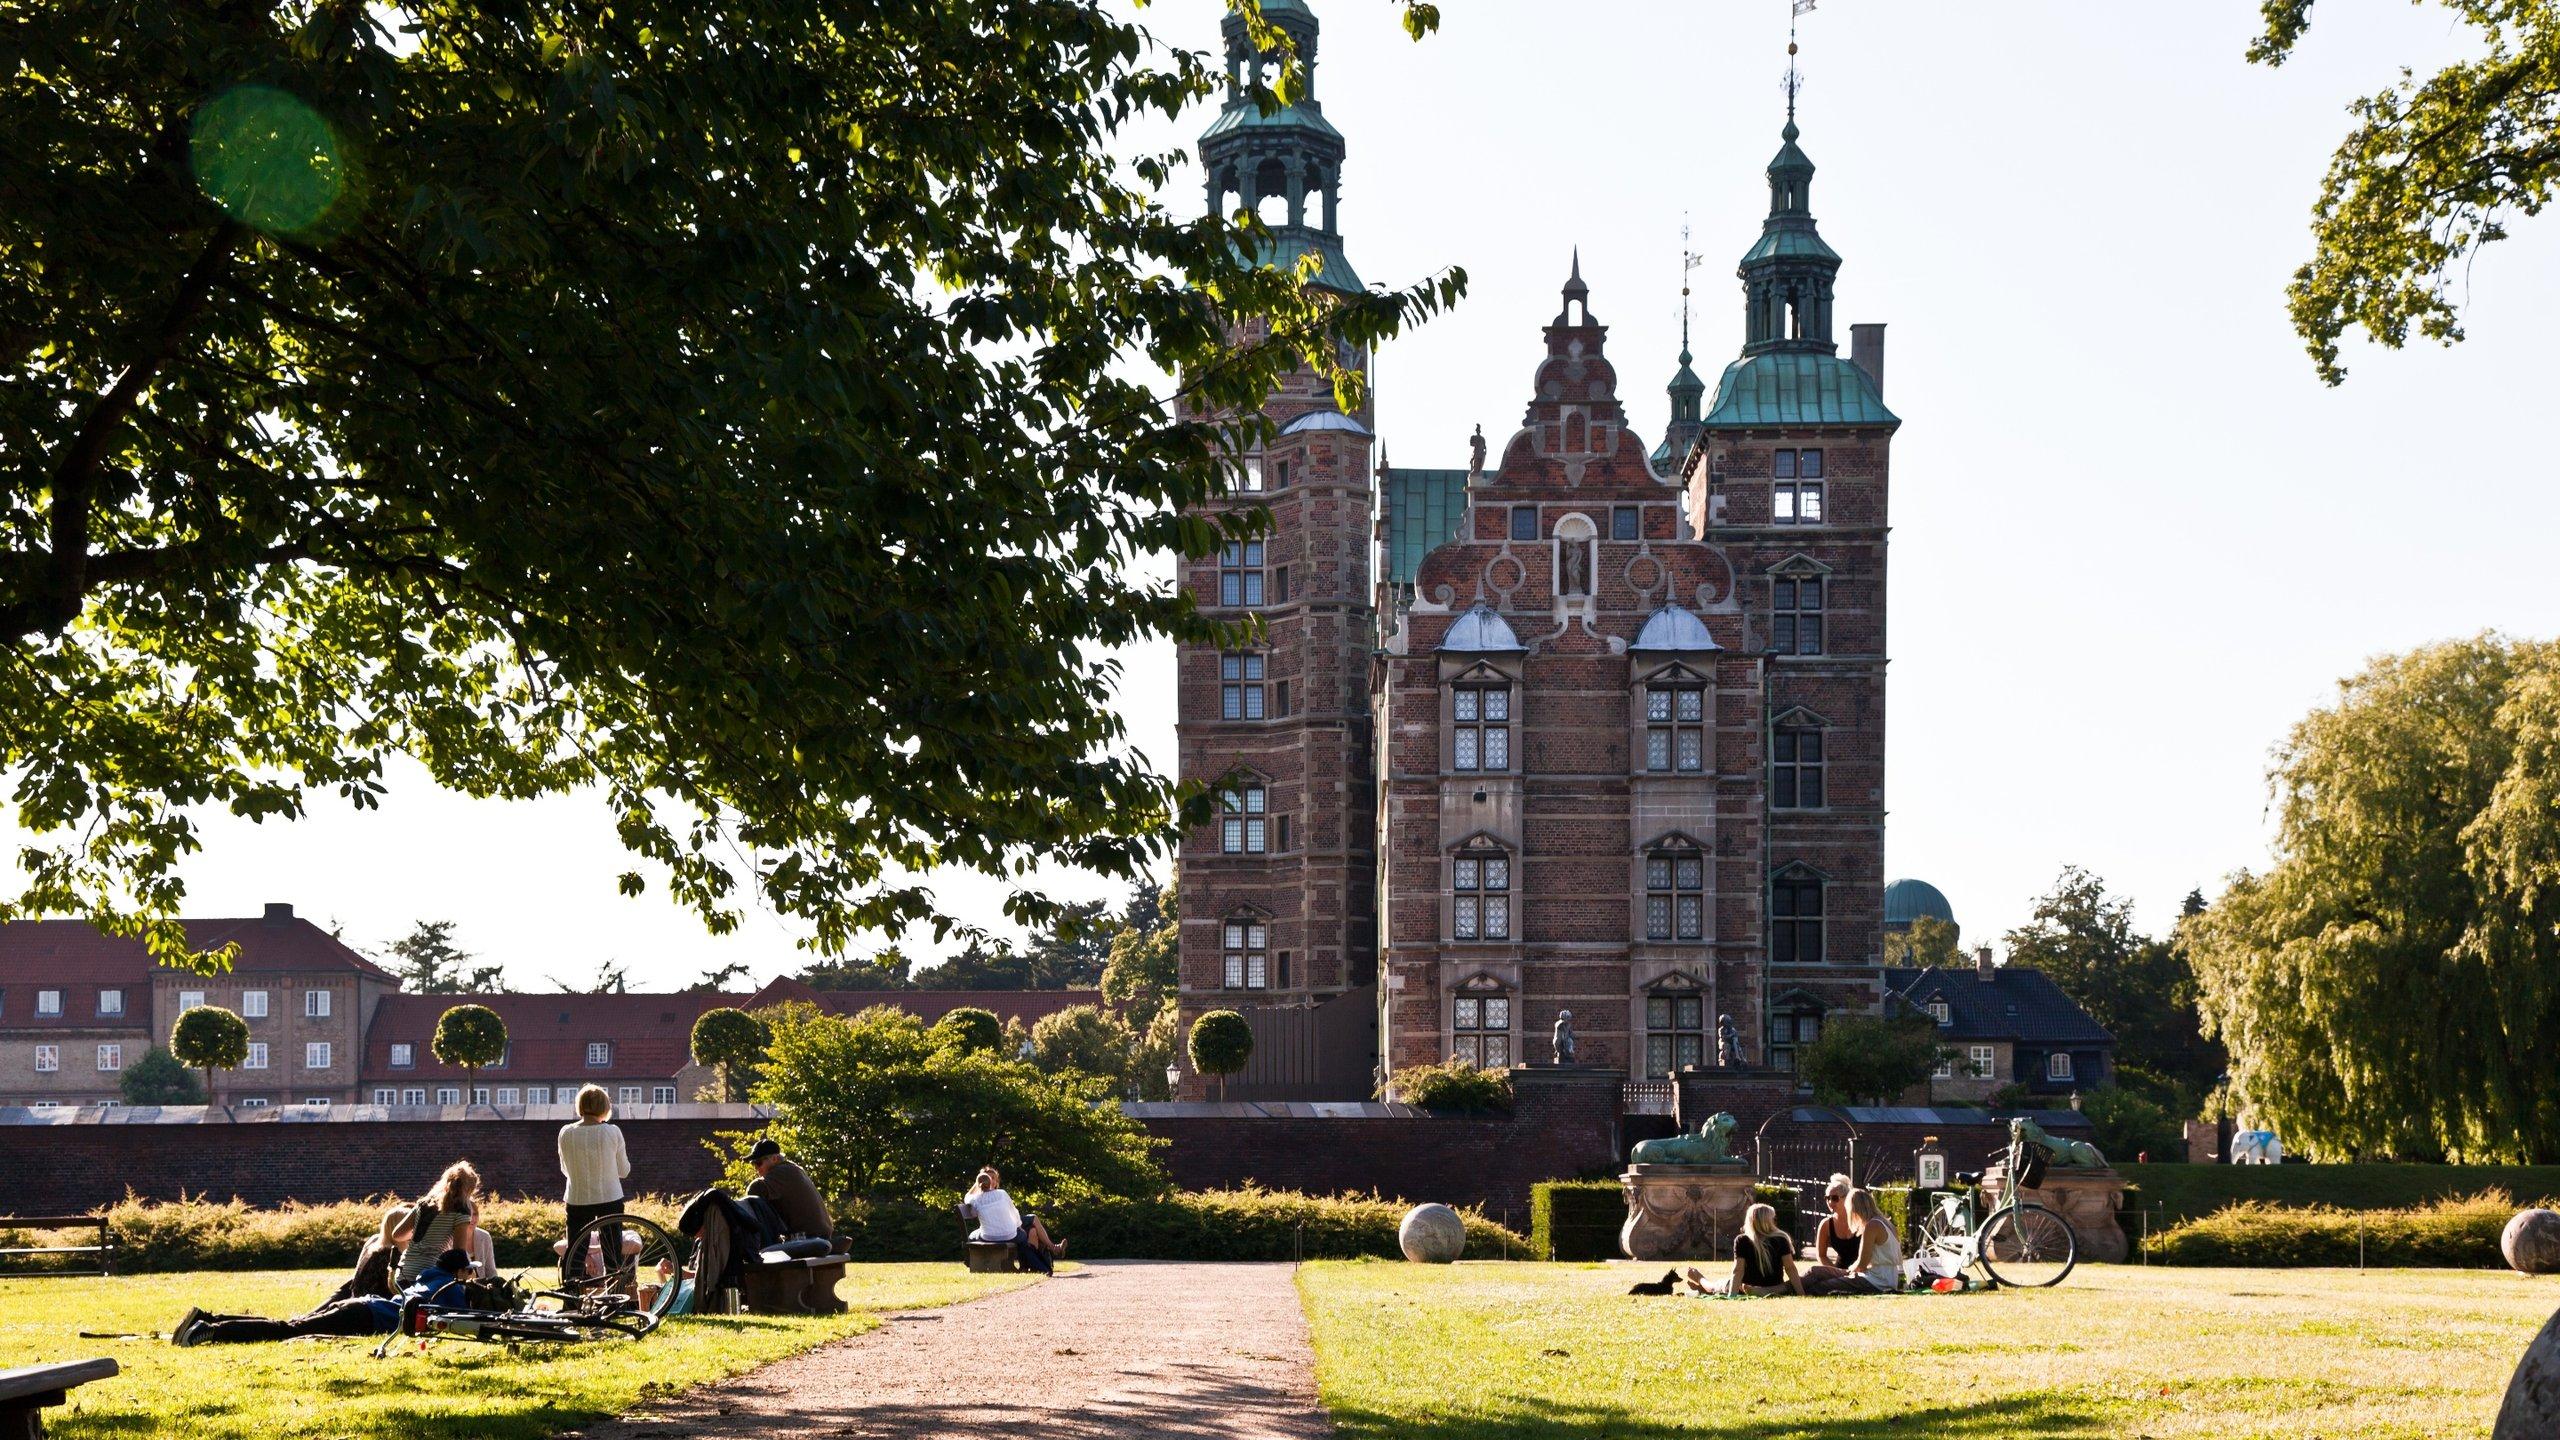 Testemunhe a boa vida que rodeava a antiga realeza dinamarquesa nesta magnífica construção ou relaxe no Jardim Real que a circunda.